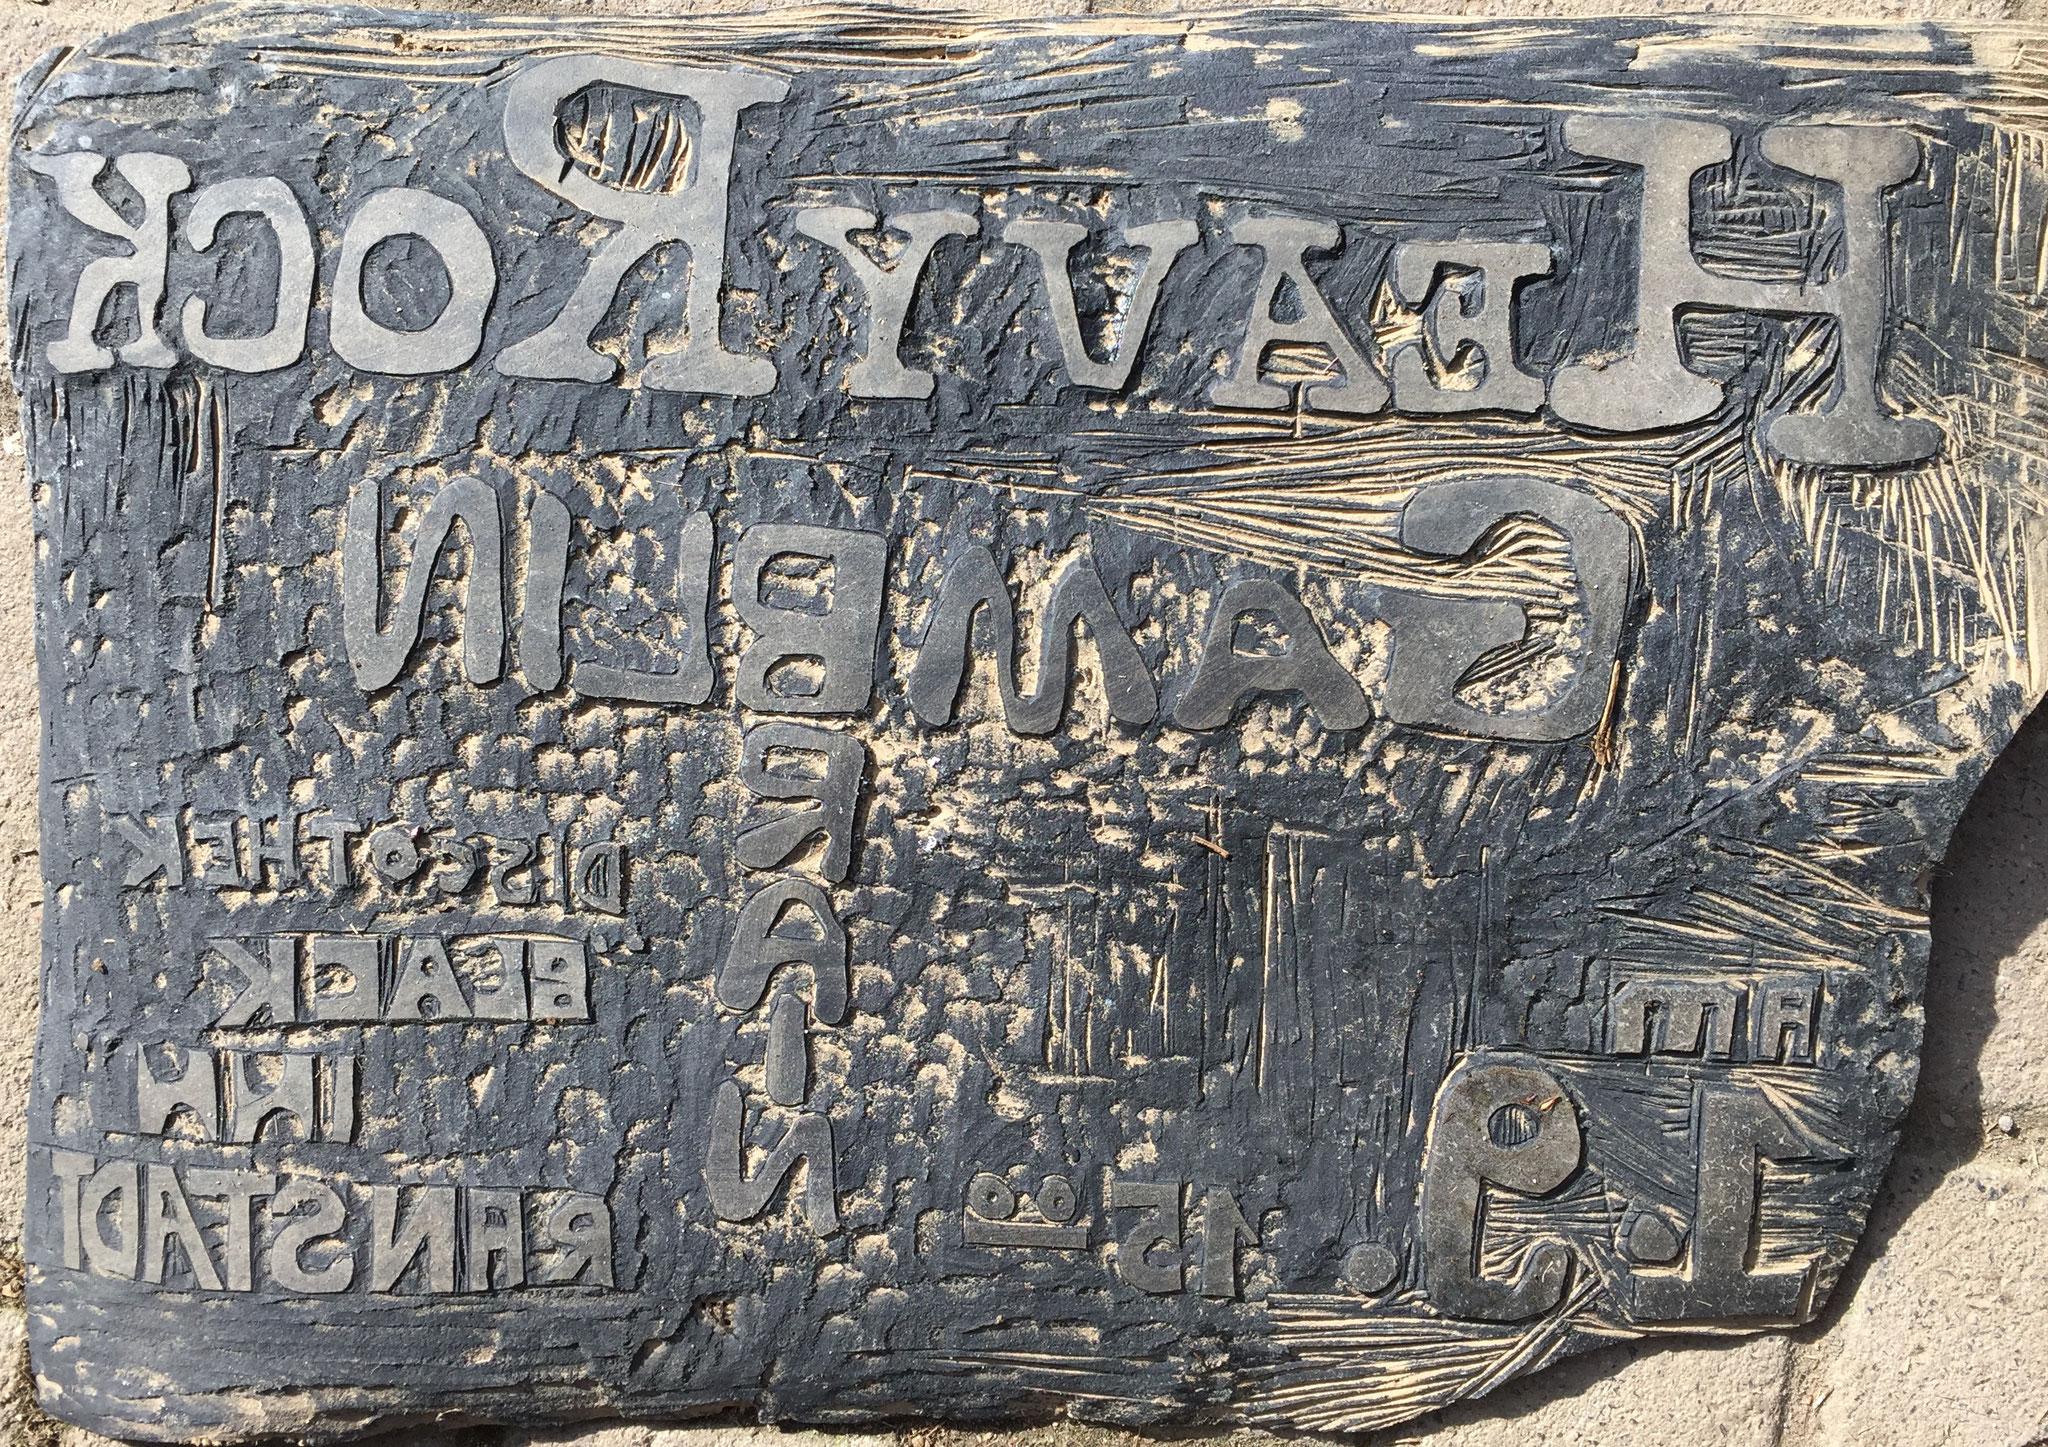 Druckvorlage für ein Plakat - ins Linol geschnitzt von Otmar Hoefel